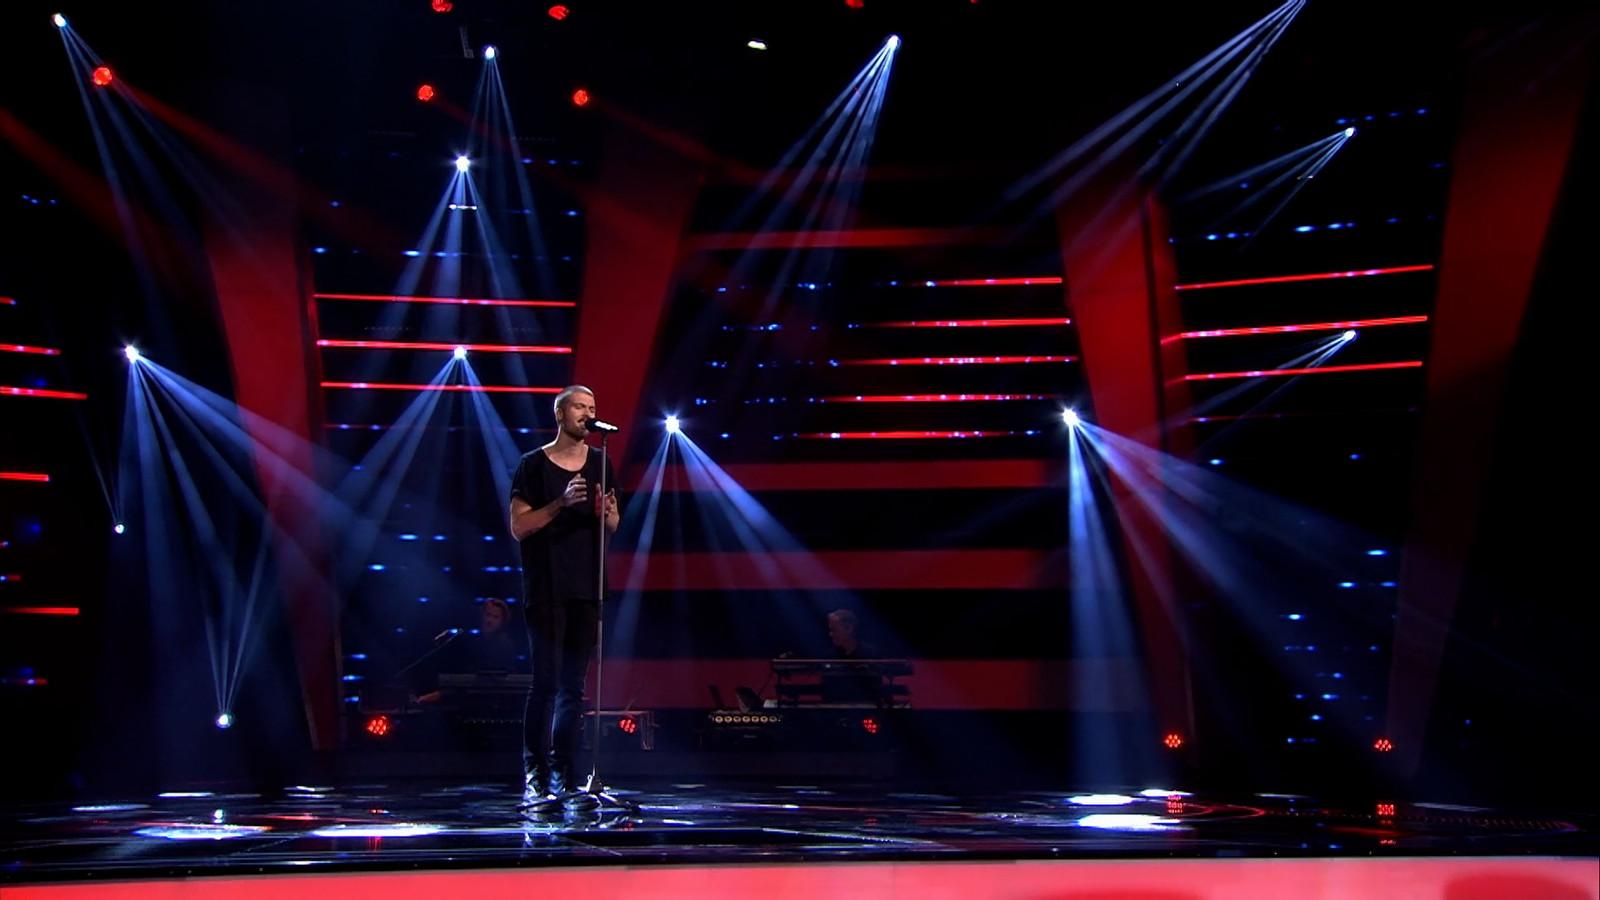 Dani in The Voice.